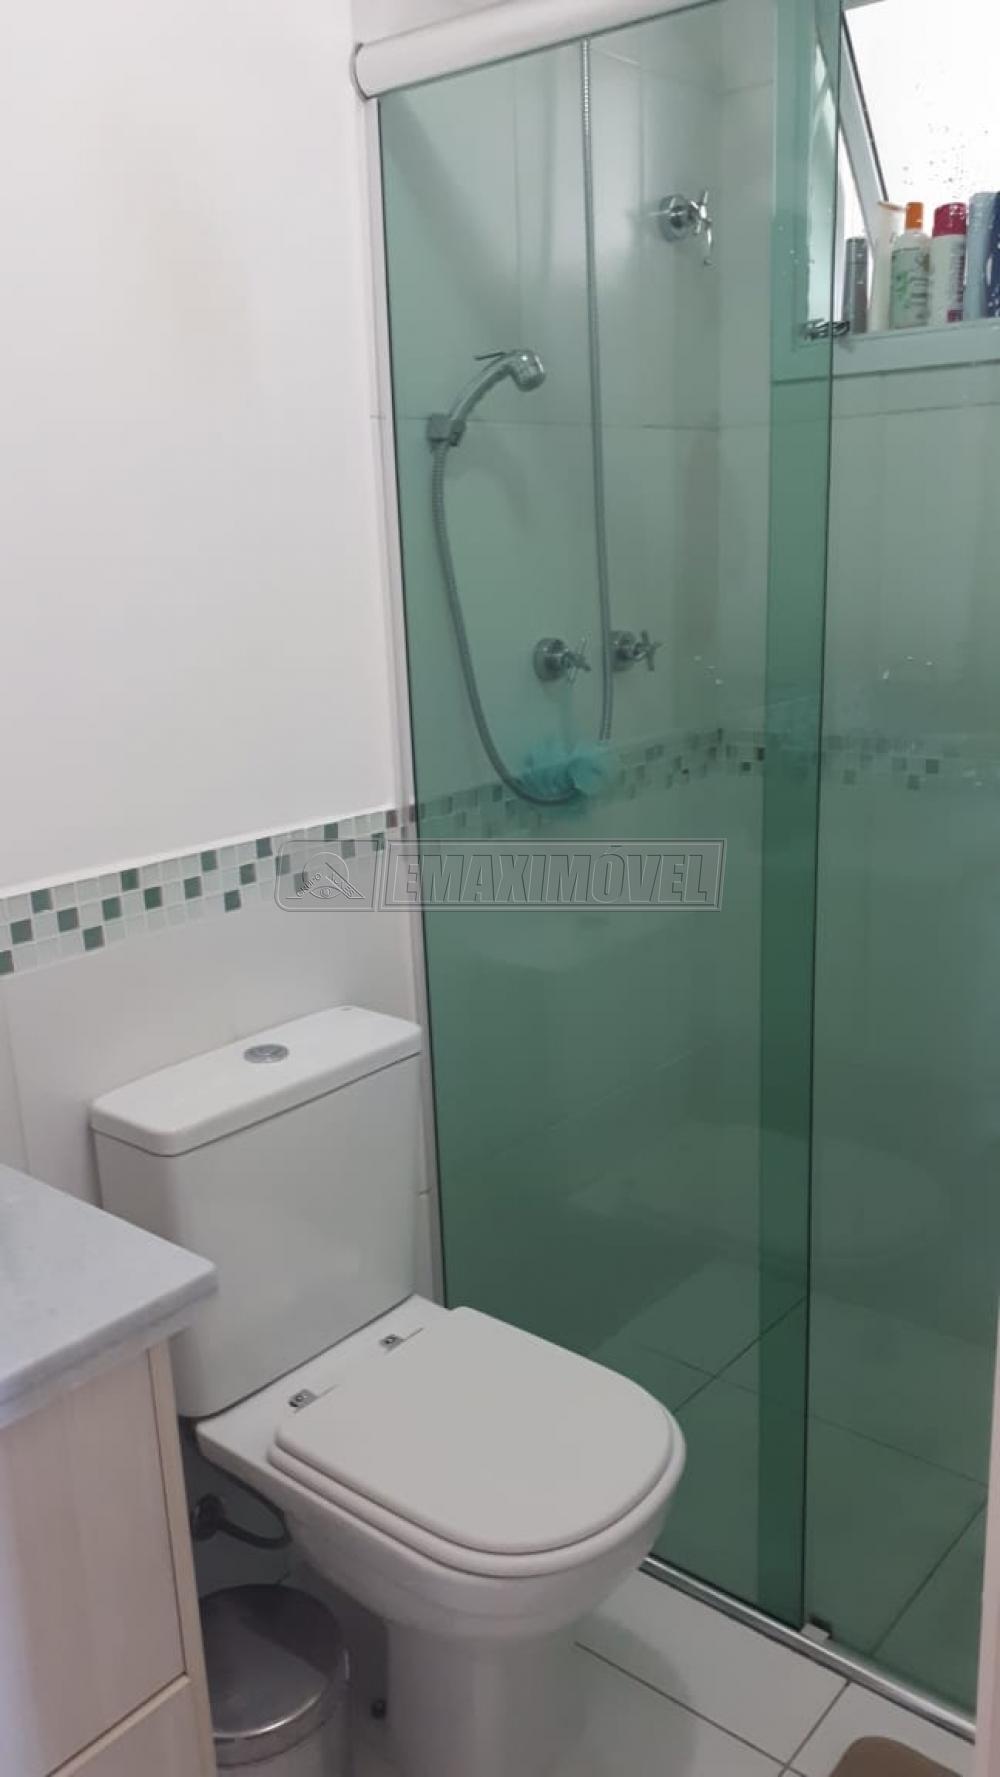 Comprar Apartamentos / Apto Padrão em Sorocaba apenas R$ 430.000,00 - Foto 12